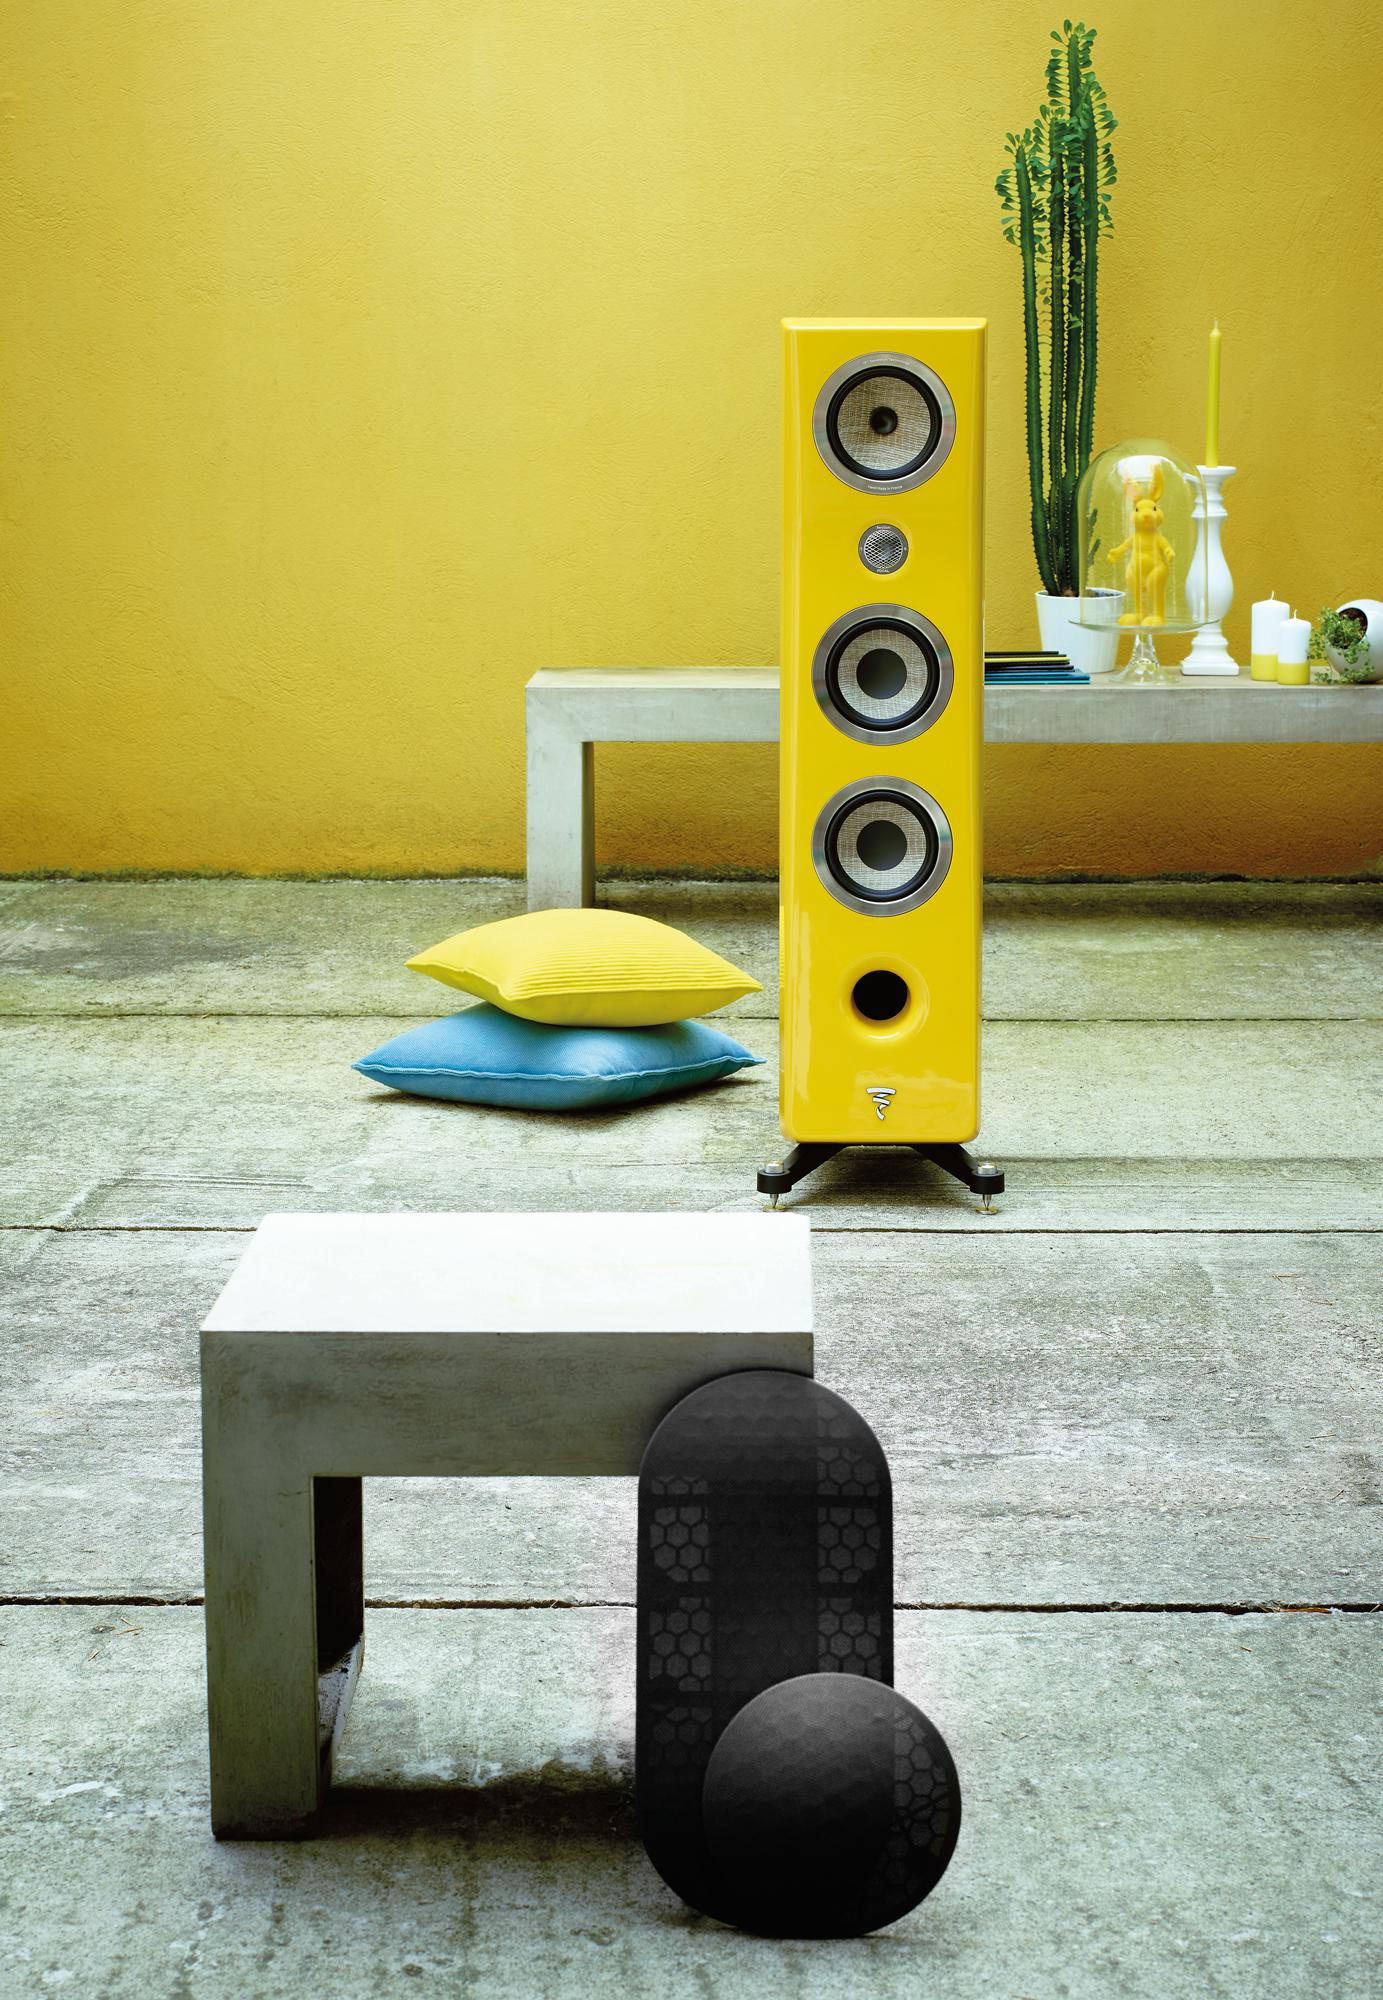 Kanta_HG_Yellow.jpg